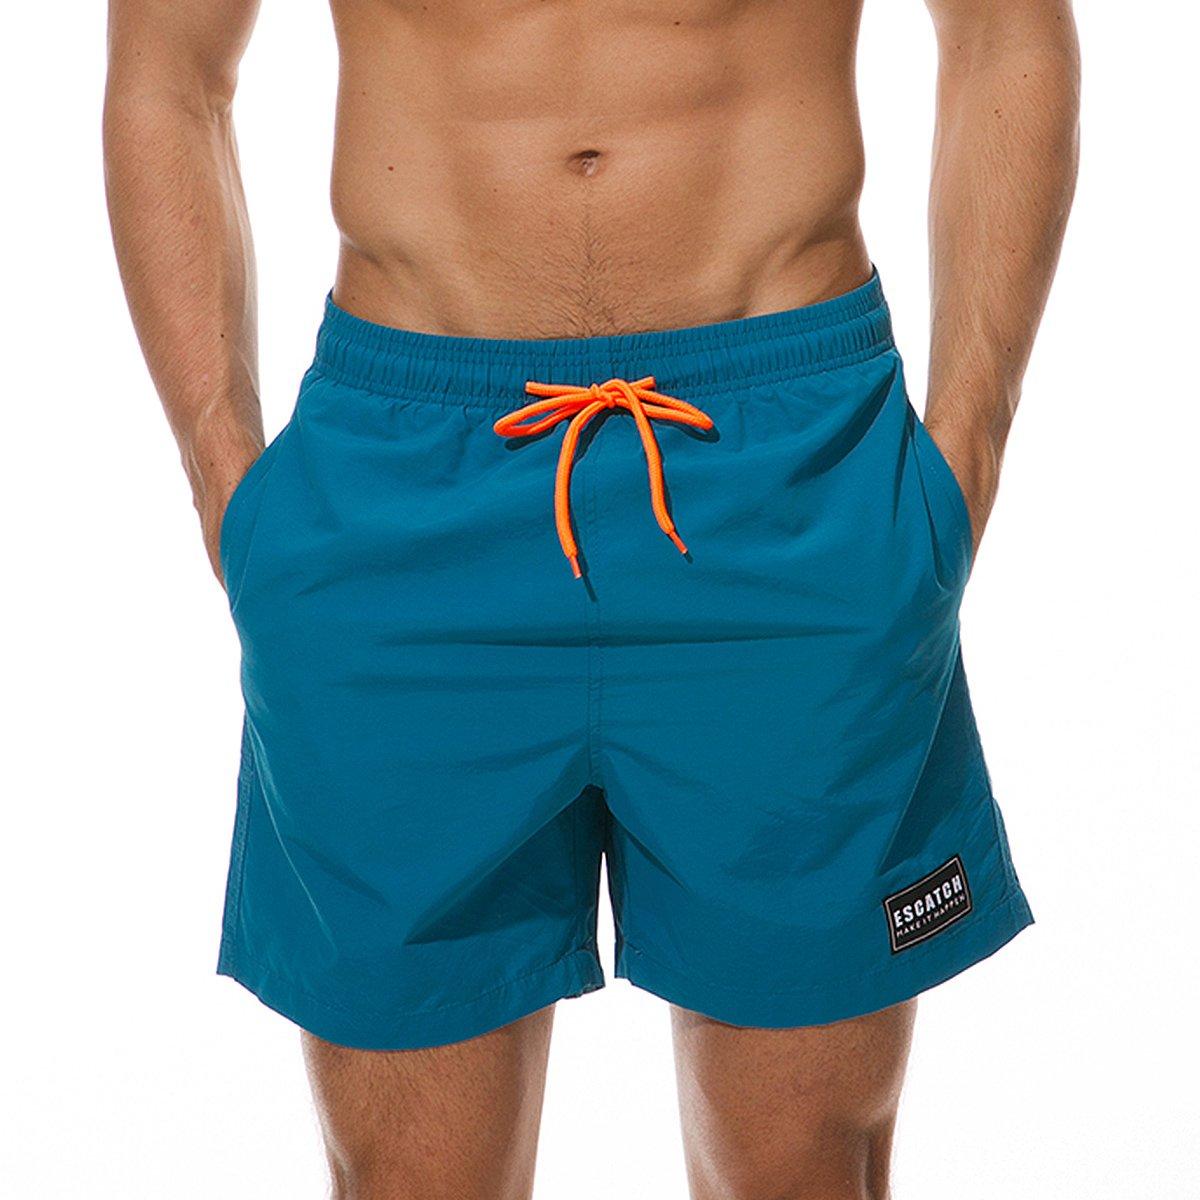 MODCHOK Hombre Bañadores de Natación Pantalones Cortos Baño Bóxers Playa Shorts